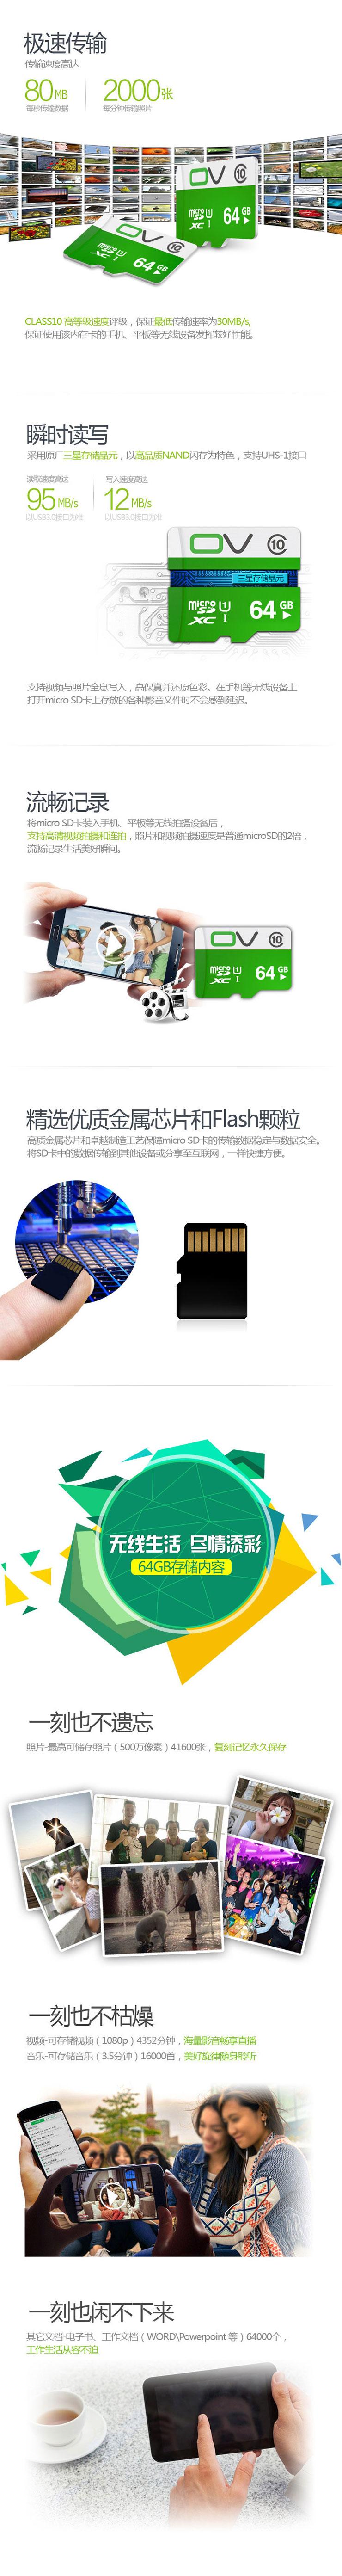 OV-64g内存卡-32Gsd卡-16G储存卡-8Gtf卡-C10-手机闪存卡-阿里巴巴